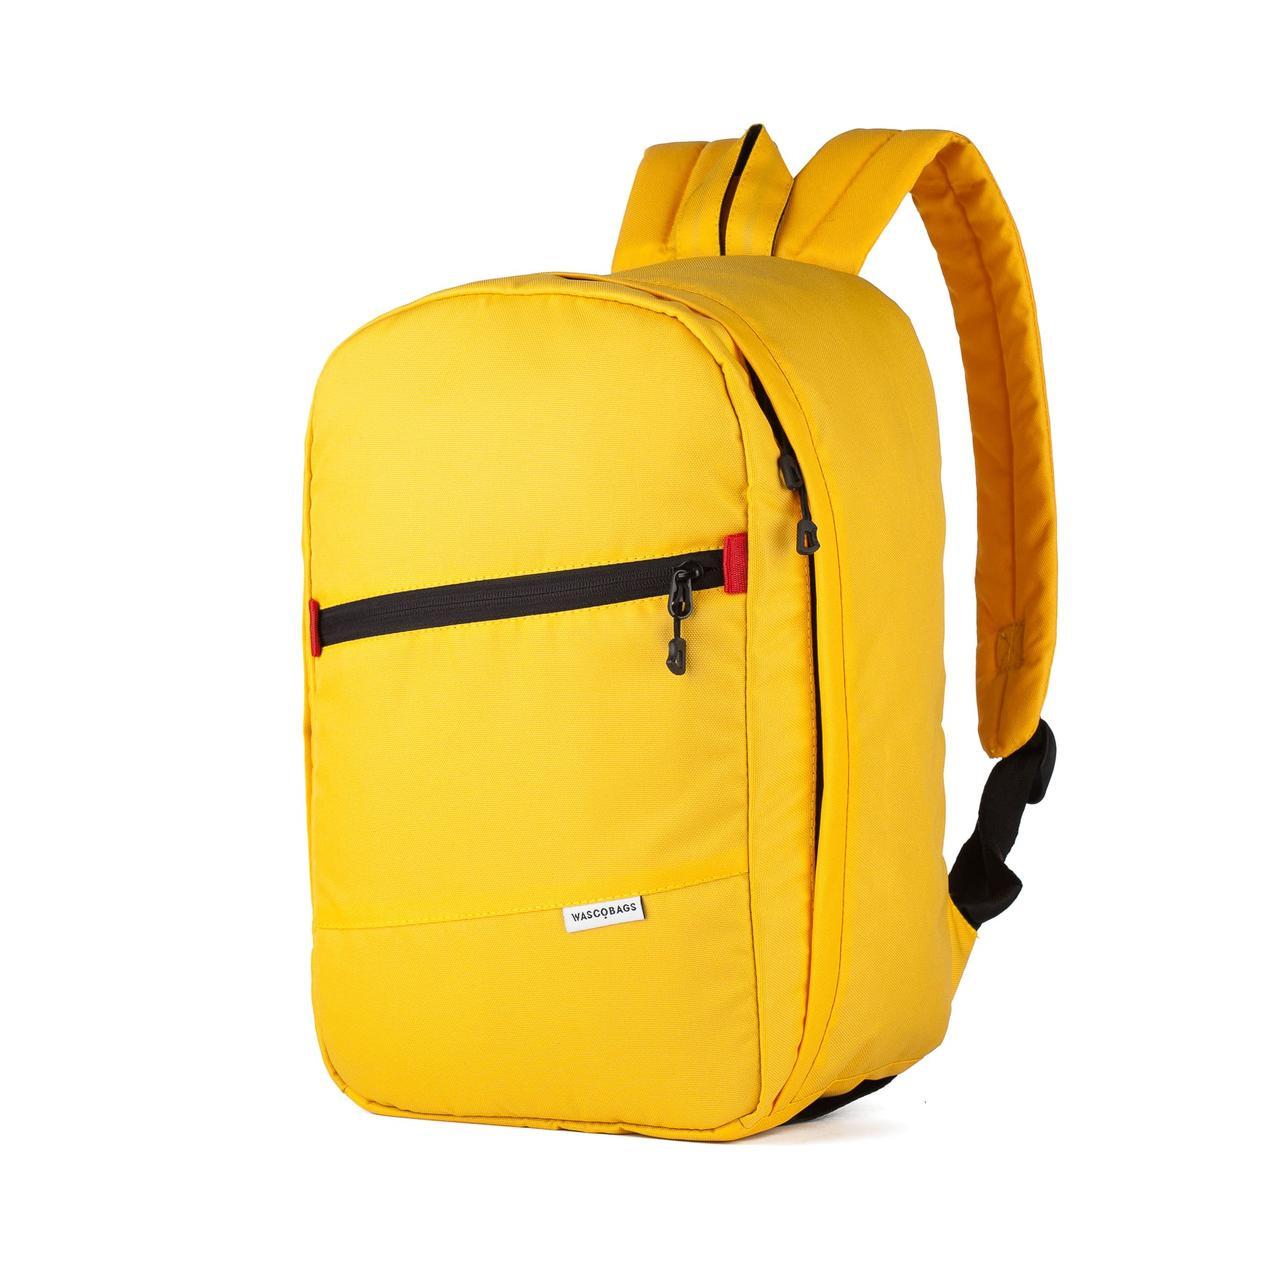 Рюкзак для ручной клади 40x20x25 Wascobags J-Satch S Желтый